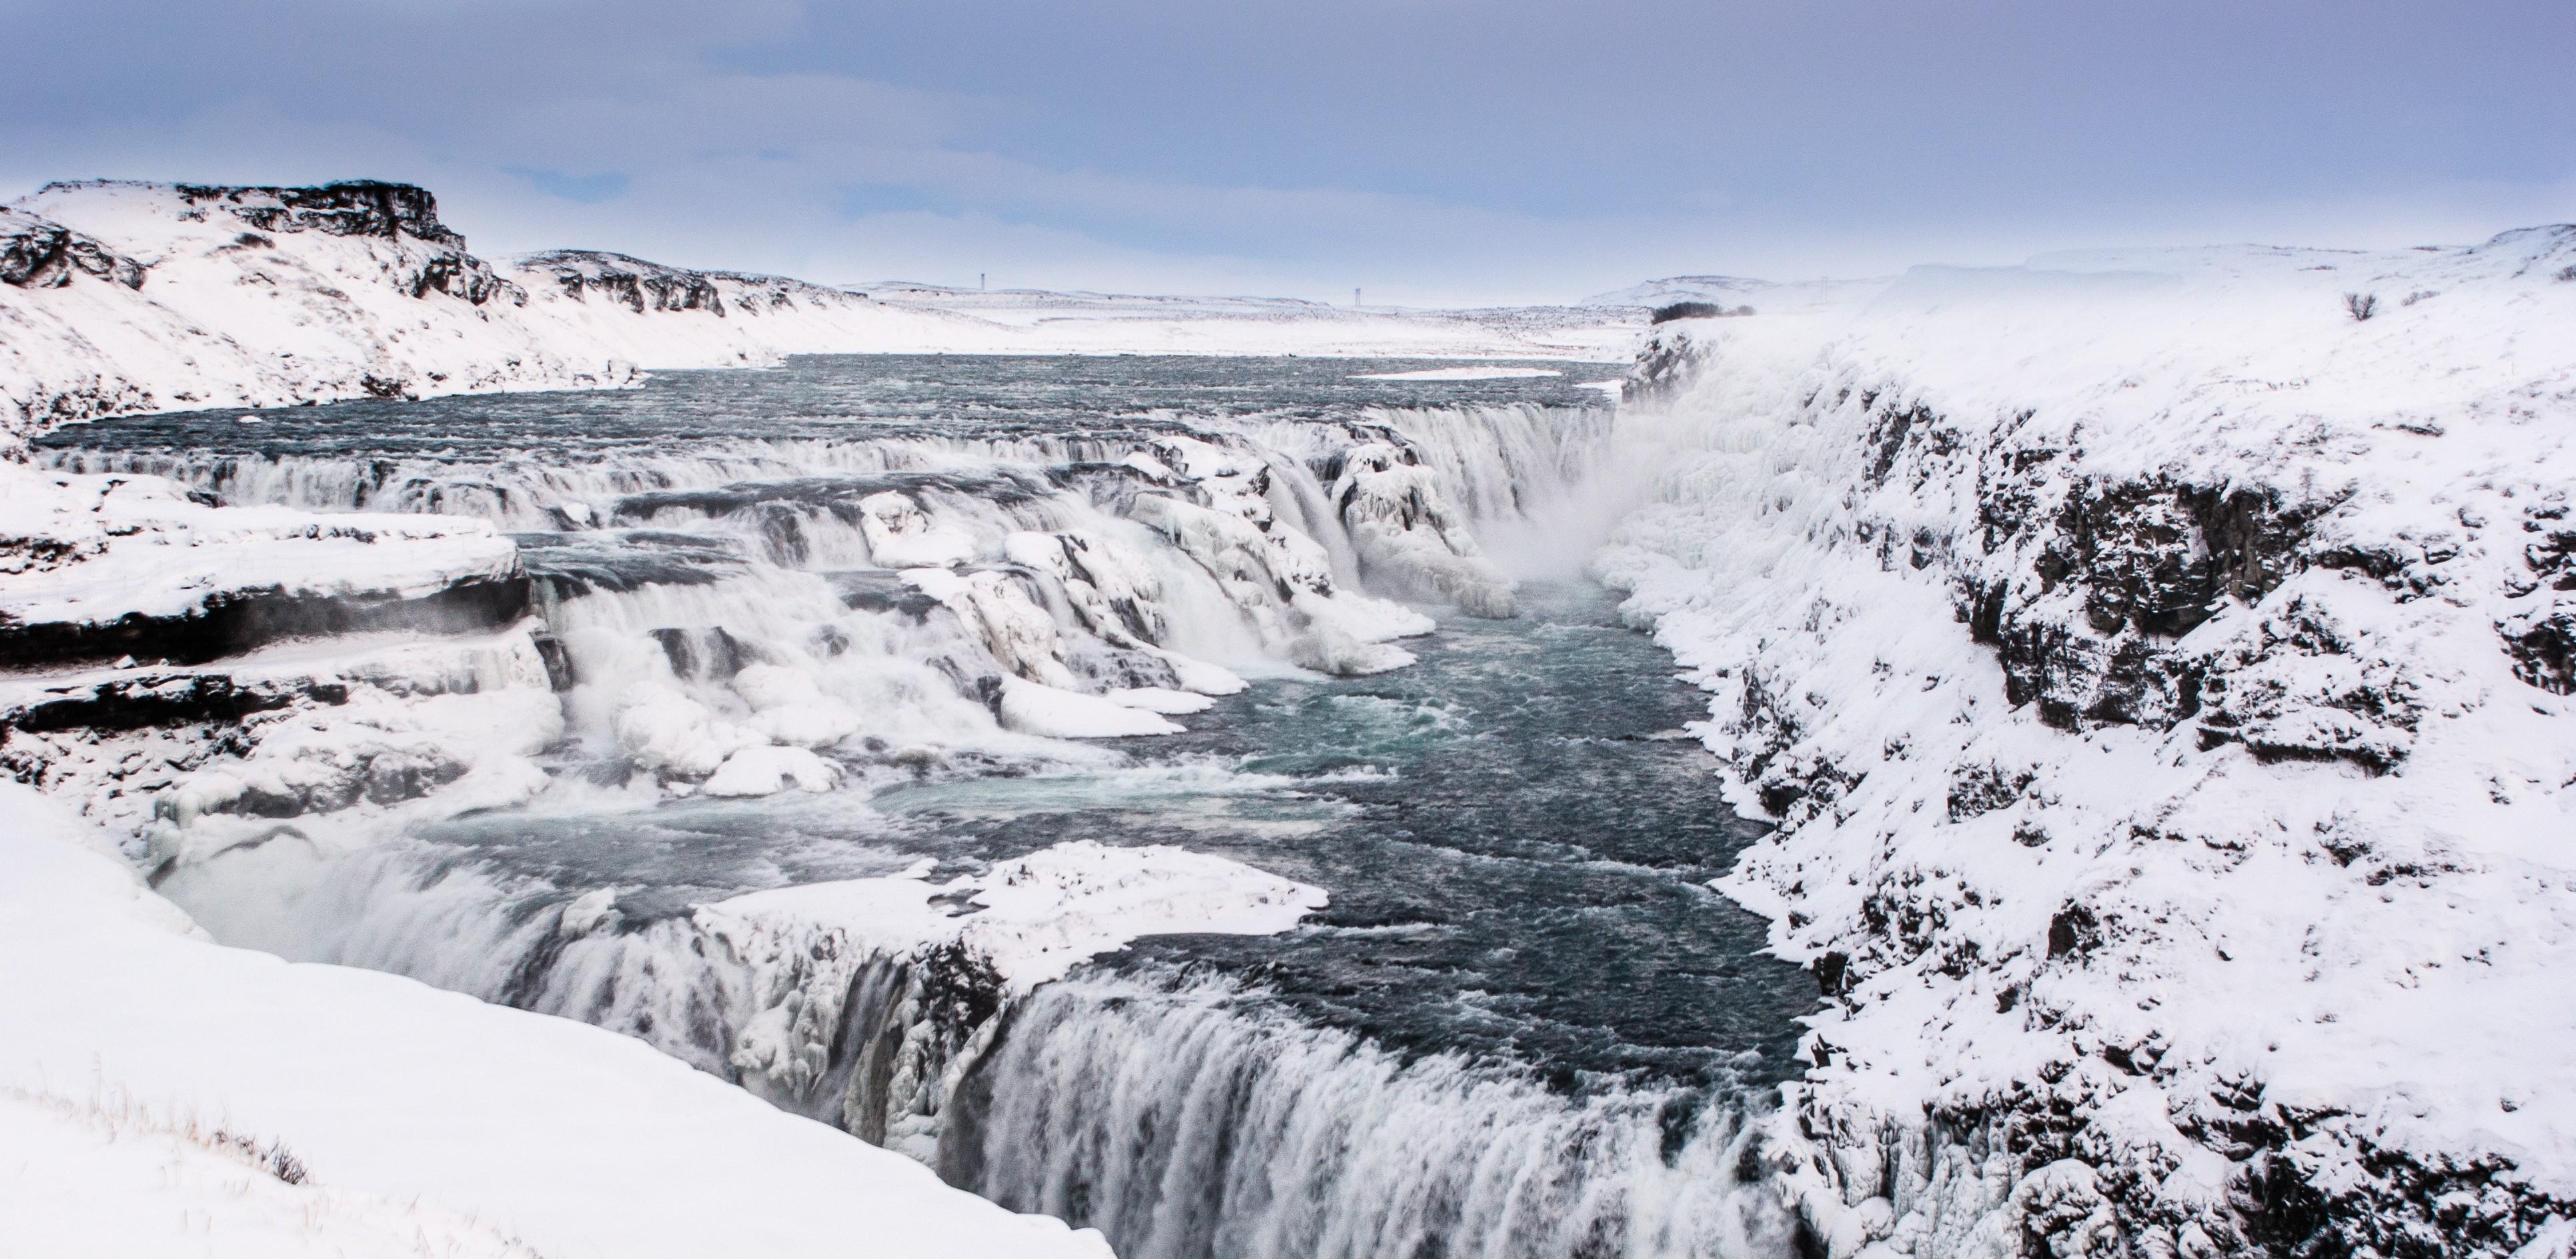 Wasserfall Gullfoss im Schnee